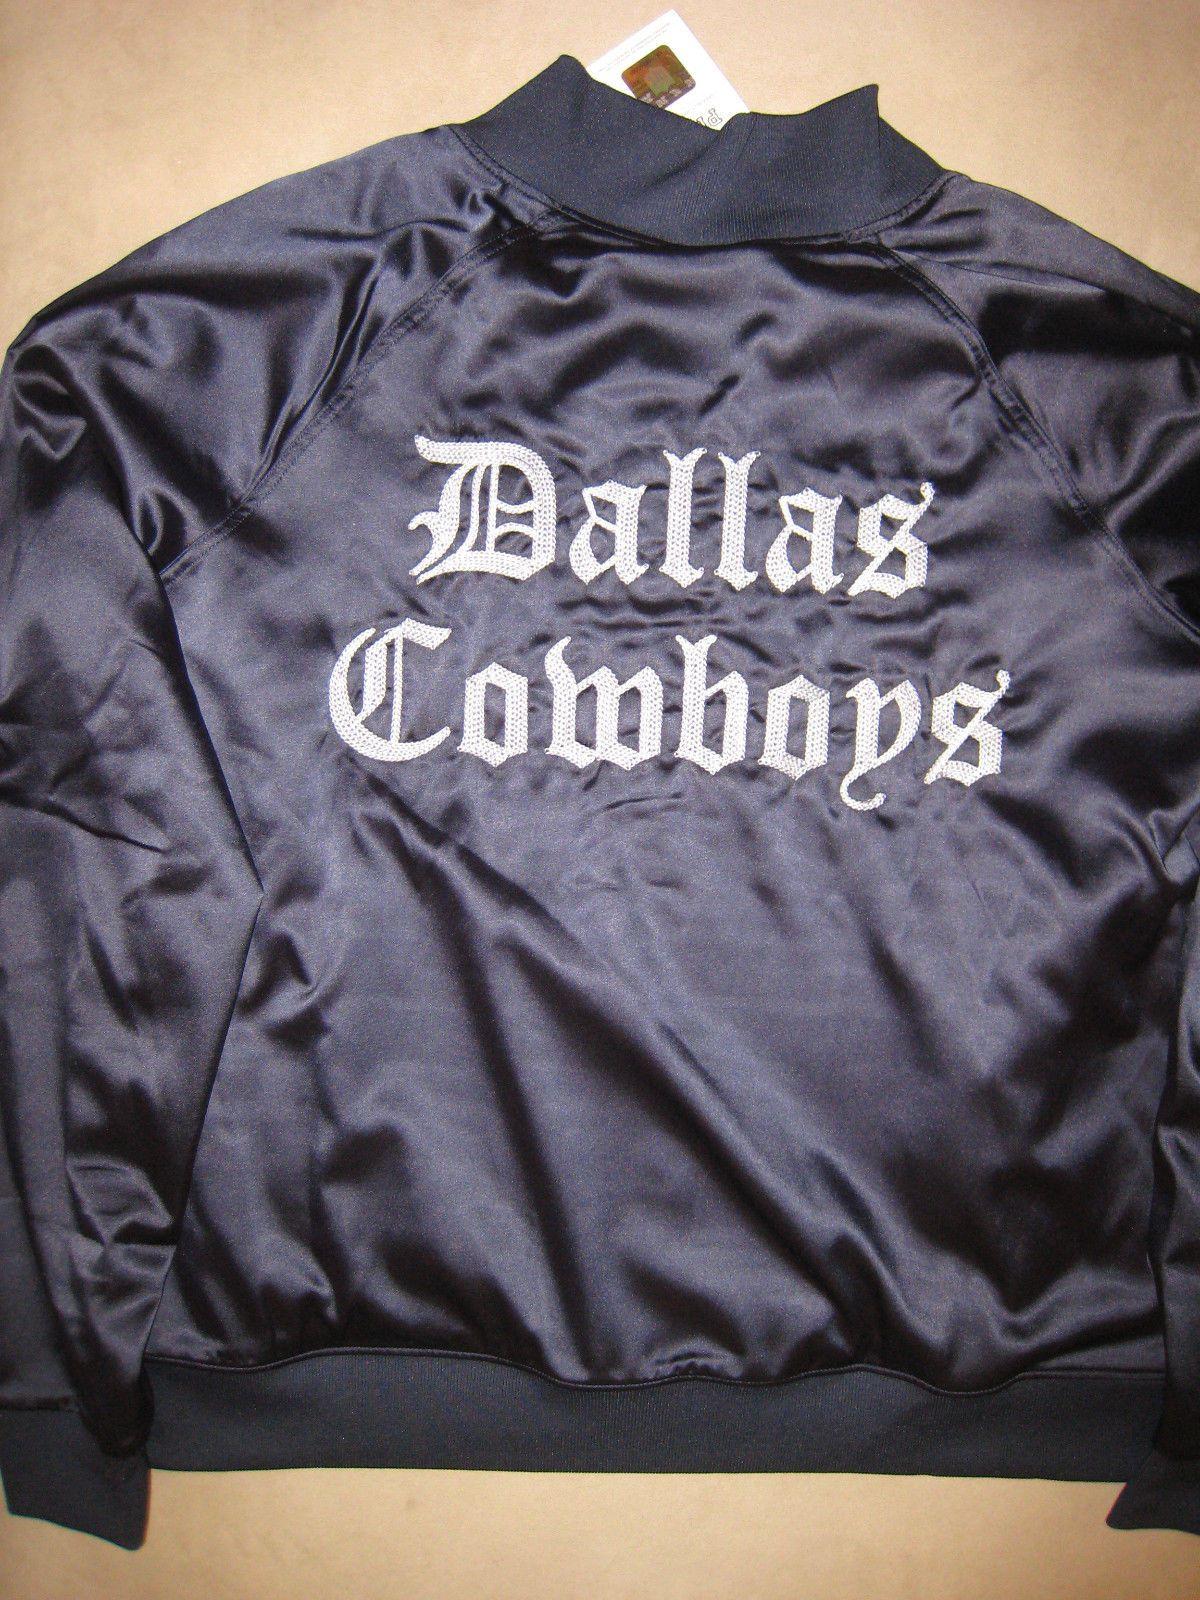 big sale 37237 d6510 DALLAS COWBOYS Victoria's Secret Satin Jacket NFL Football ...